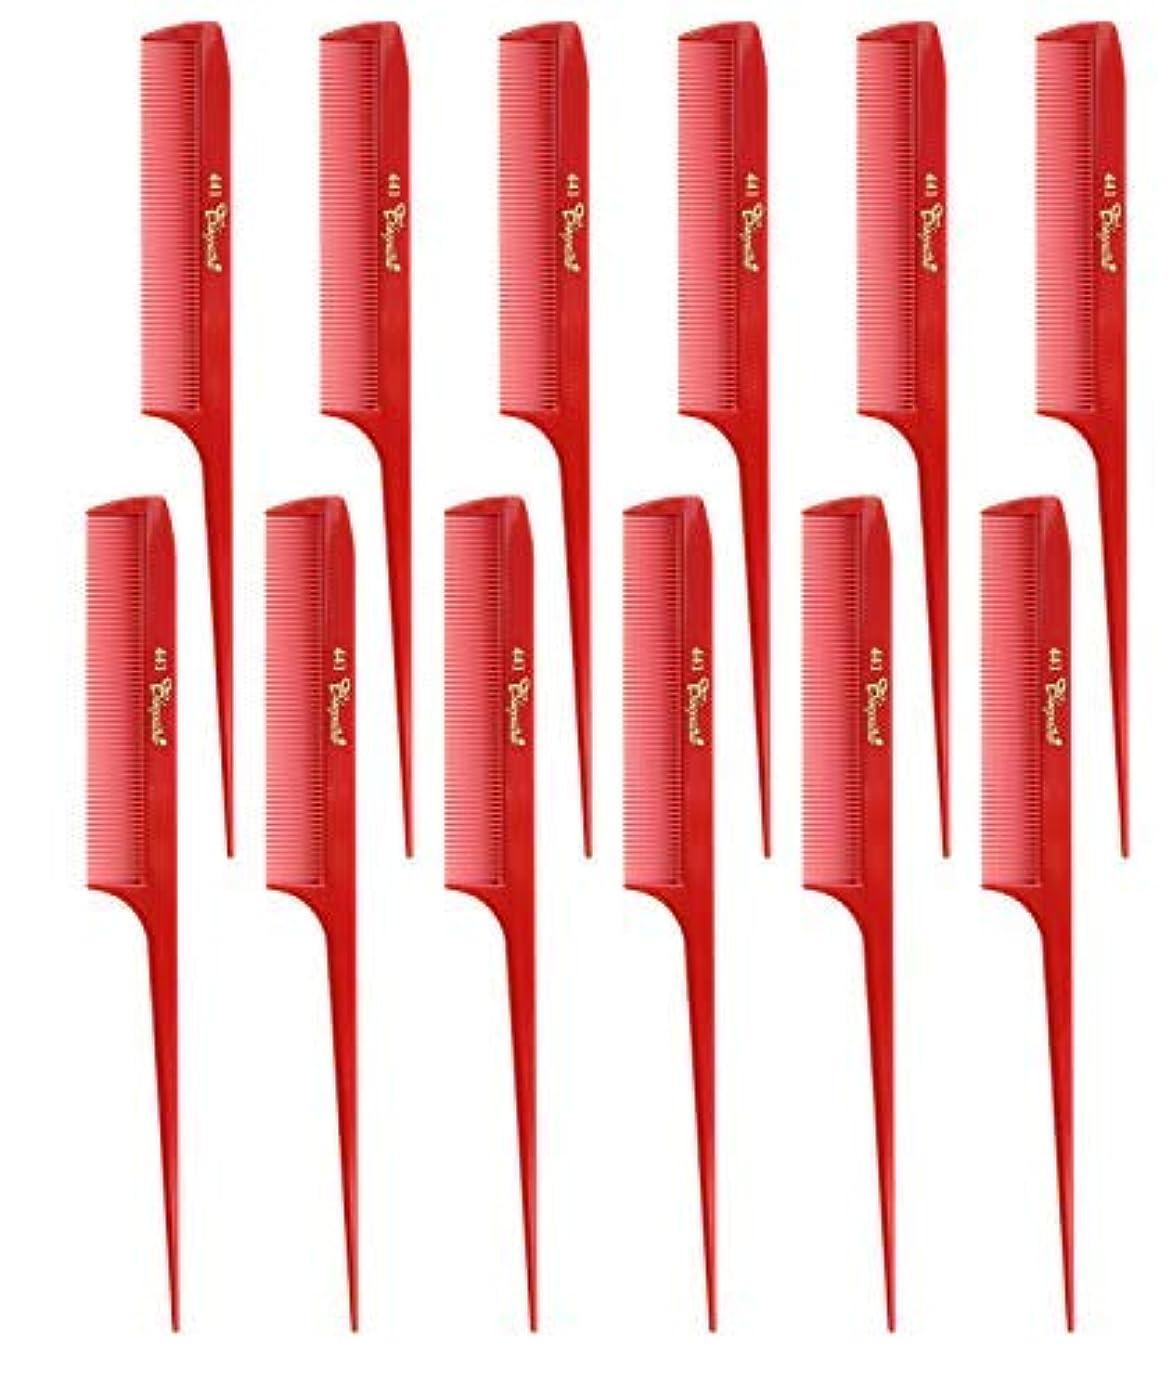 戸棚かき混ぜるゴミ箱Krest Cleopatra 8-1/2 inch Rattail Combs Extra Fine Tooth. Rat Tail comb Model #441 Color Red. 1 Dozen [並行輸入品]